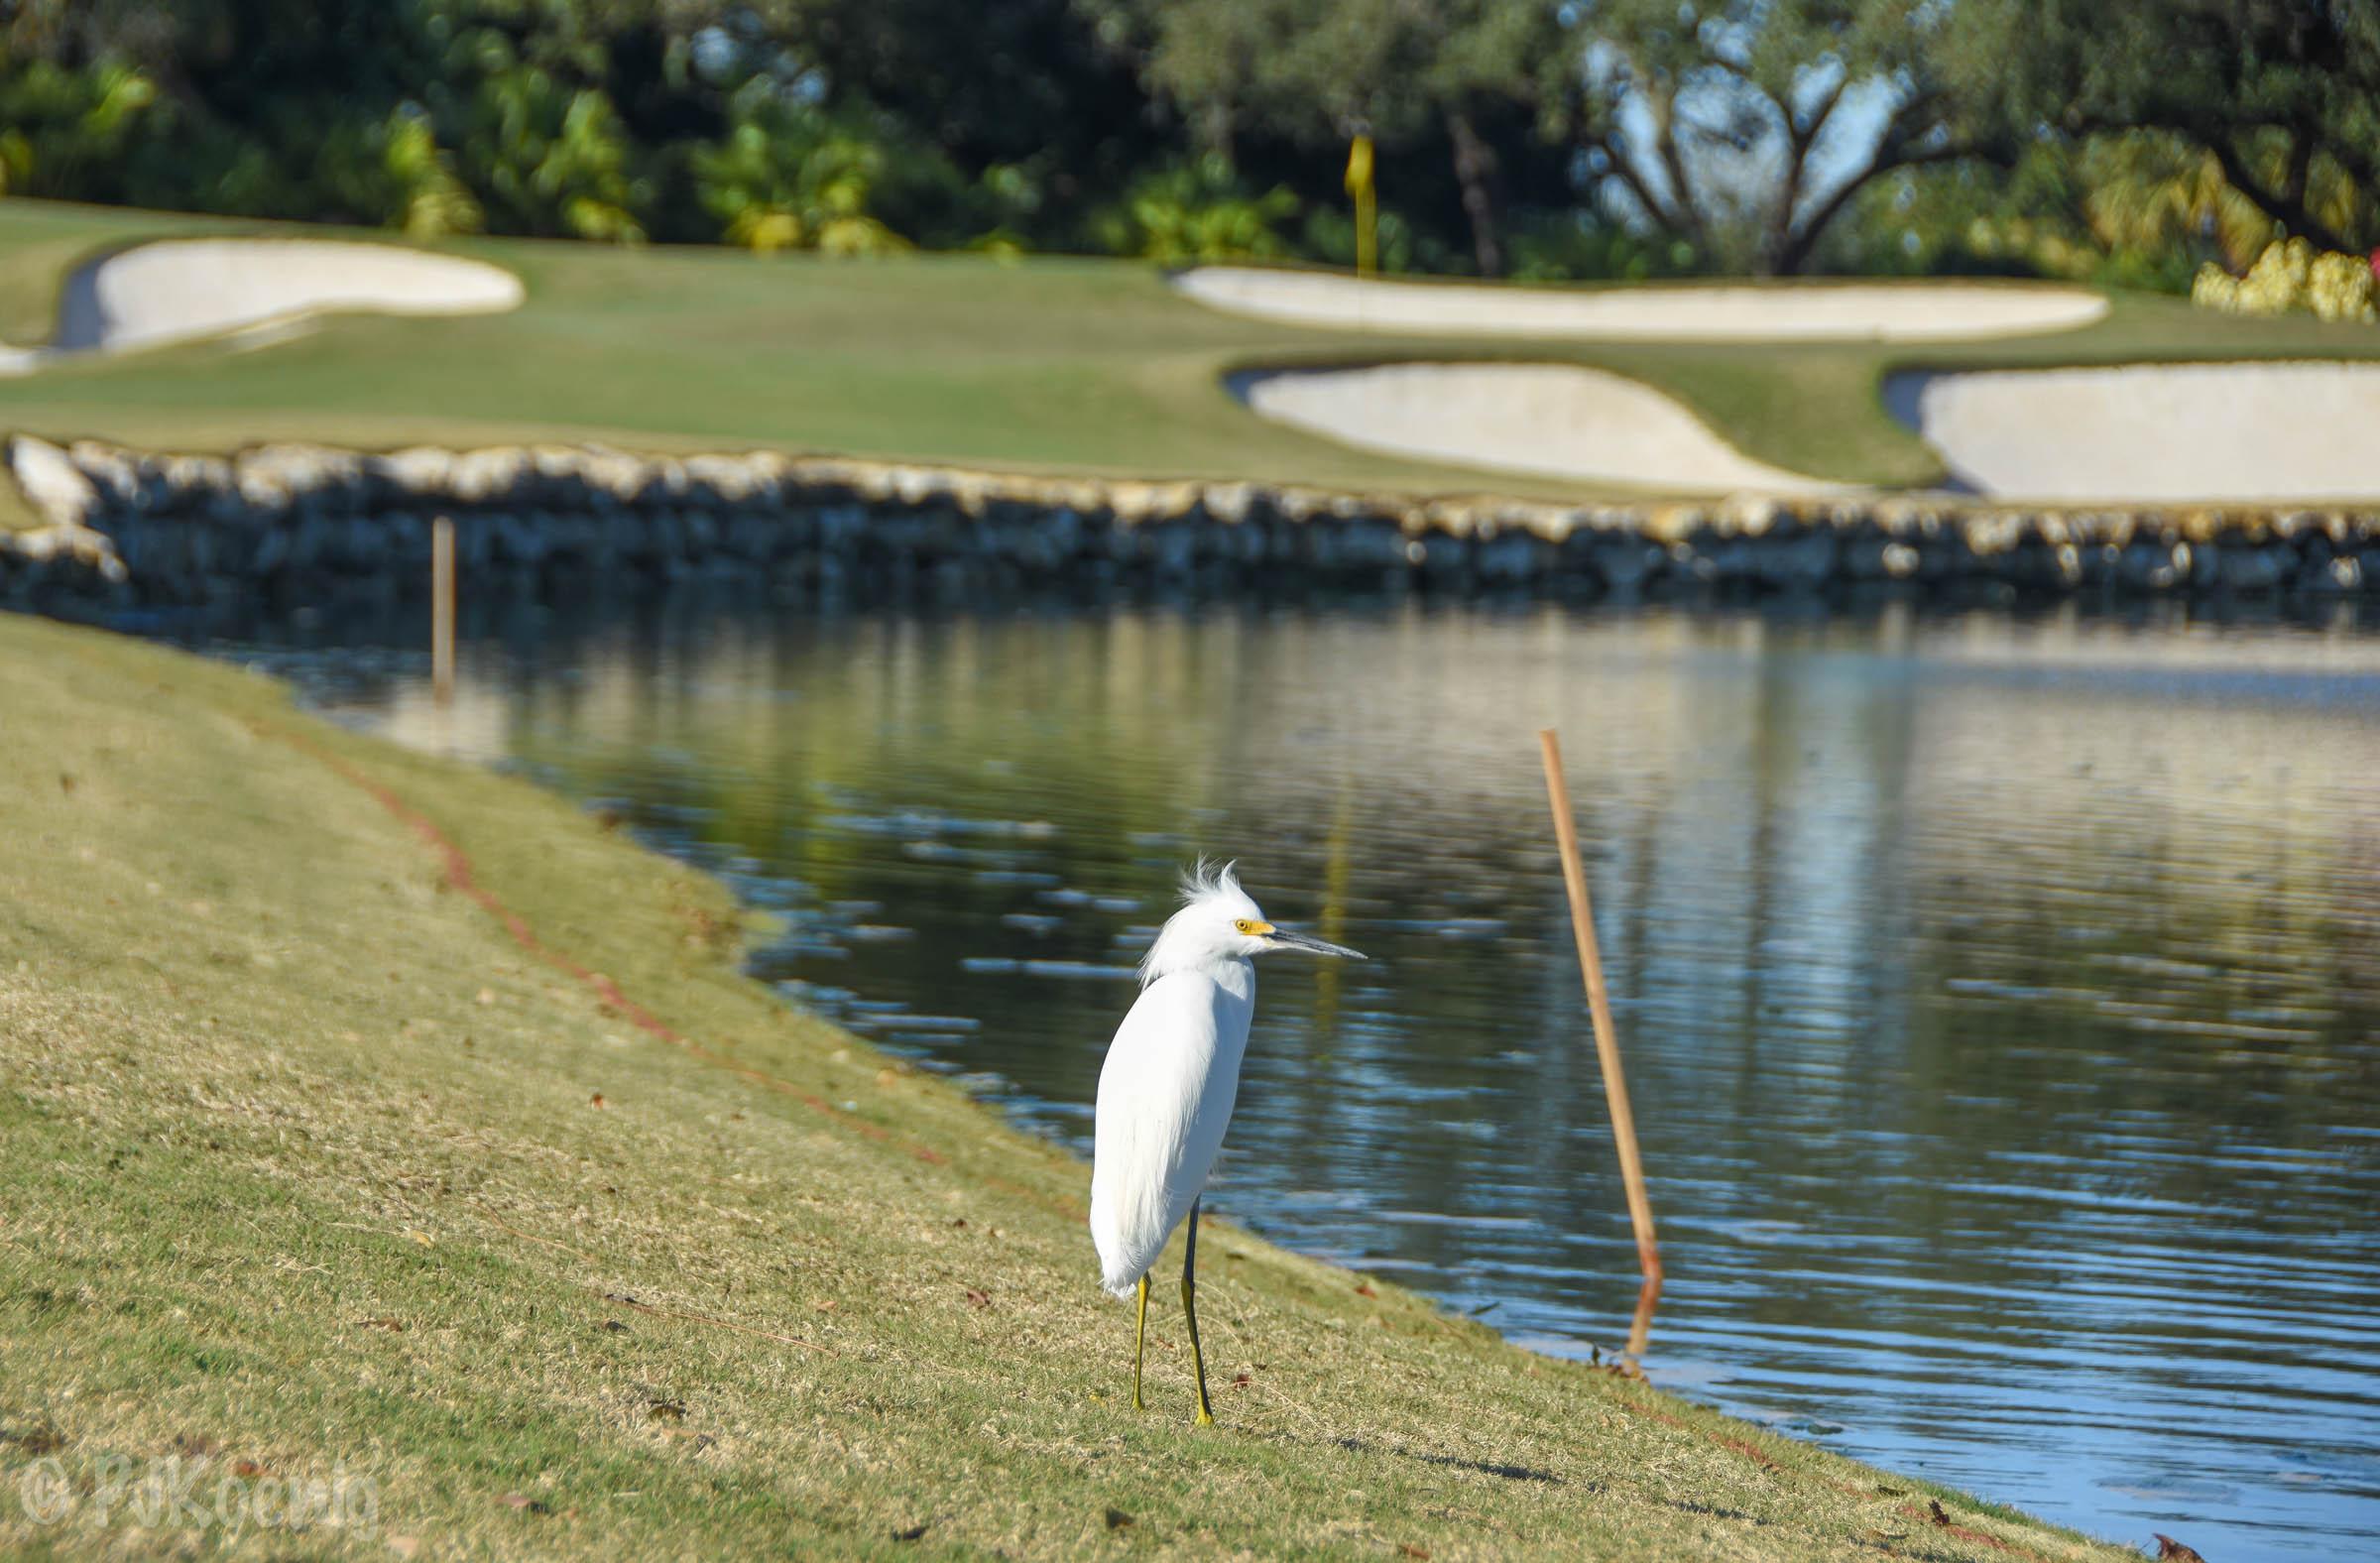 Adios Golf Club1-59.jpg